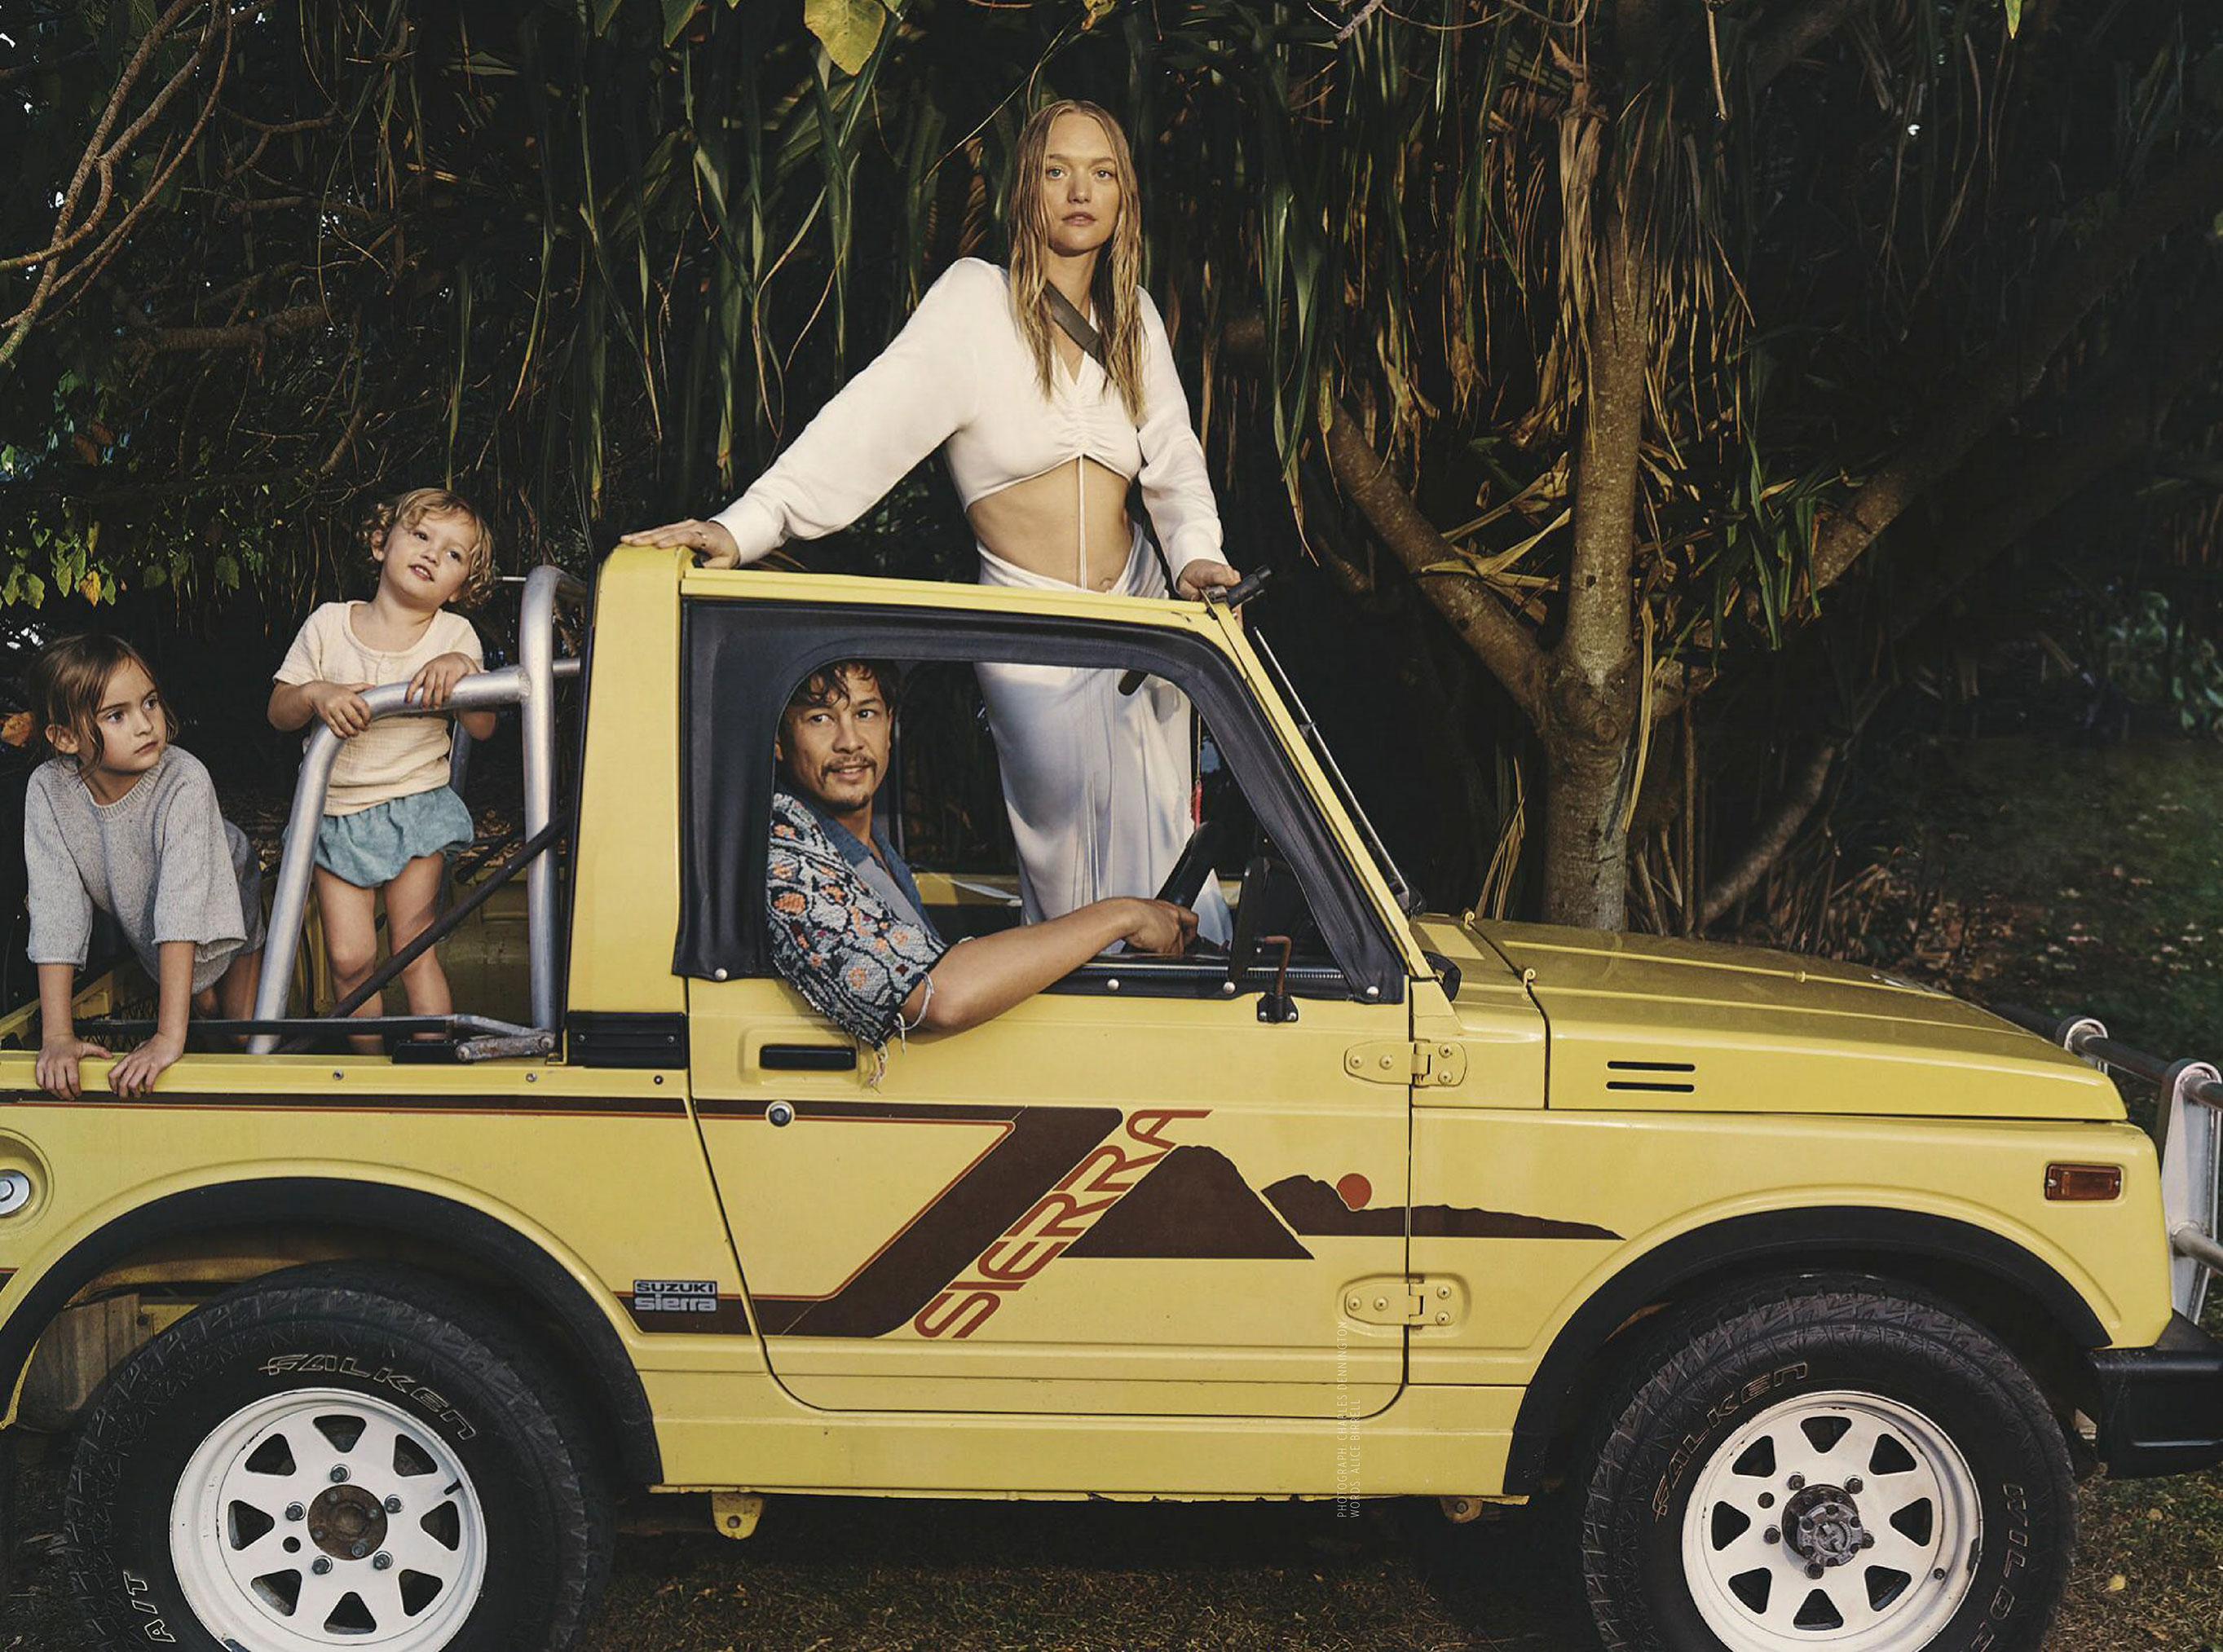 Джемма Уорд с семьей путешествует по лесам Нового Южного Уэльса / фото 03